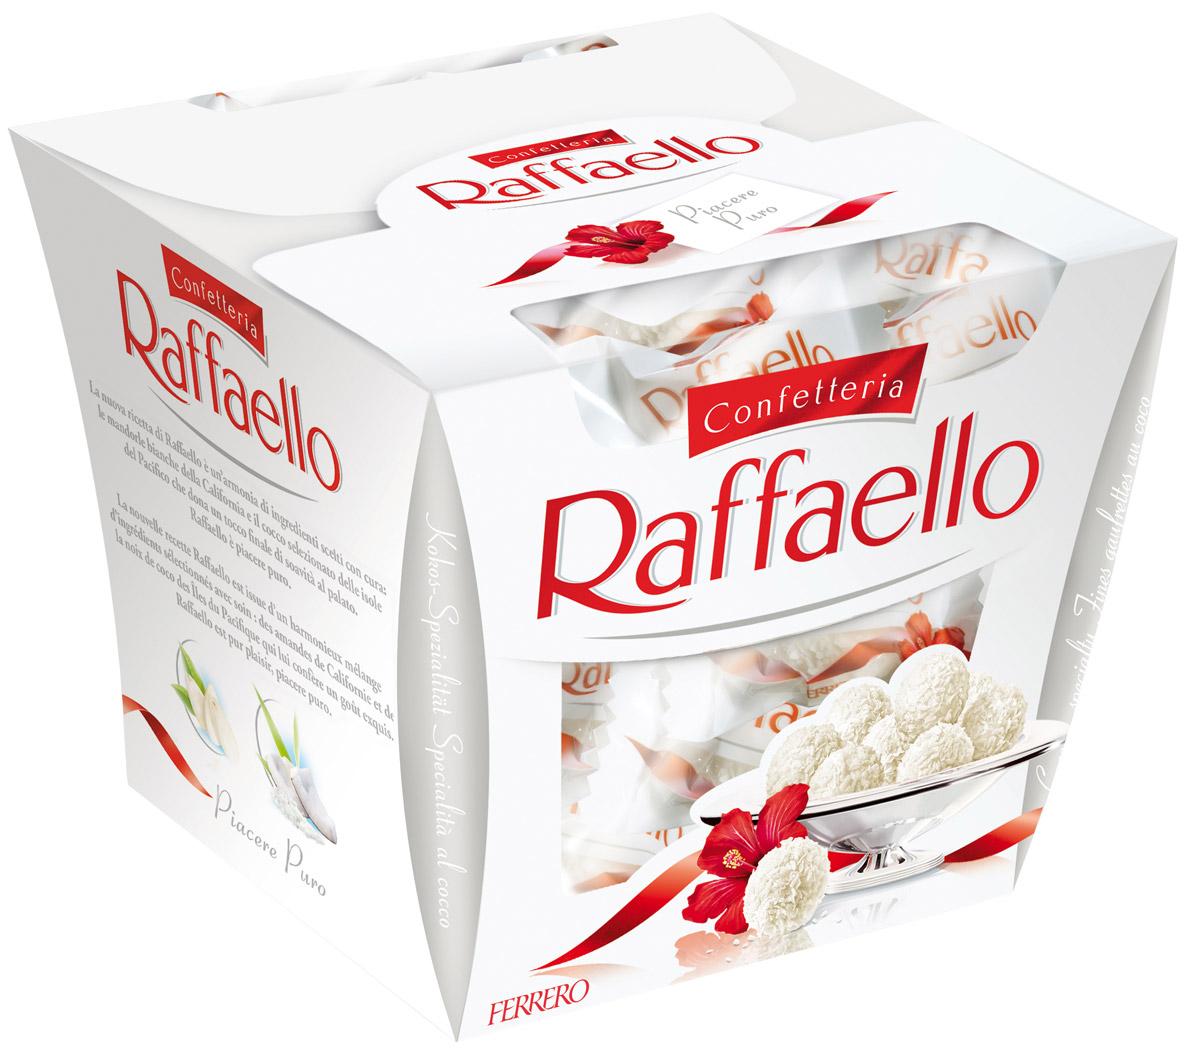 Raffaello конфеты с цельным миндальным орехом в кокосовой обсыпке, 150 г santa maria кокосовое молоко 400 мл